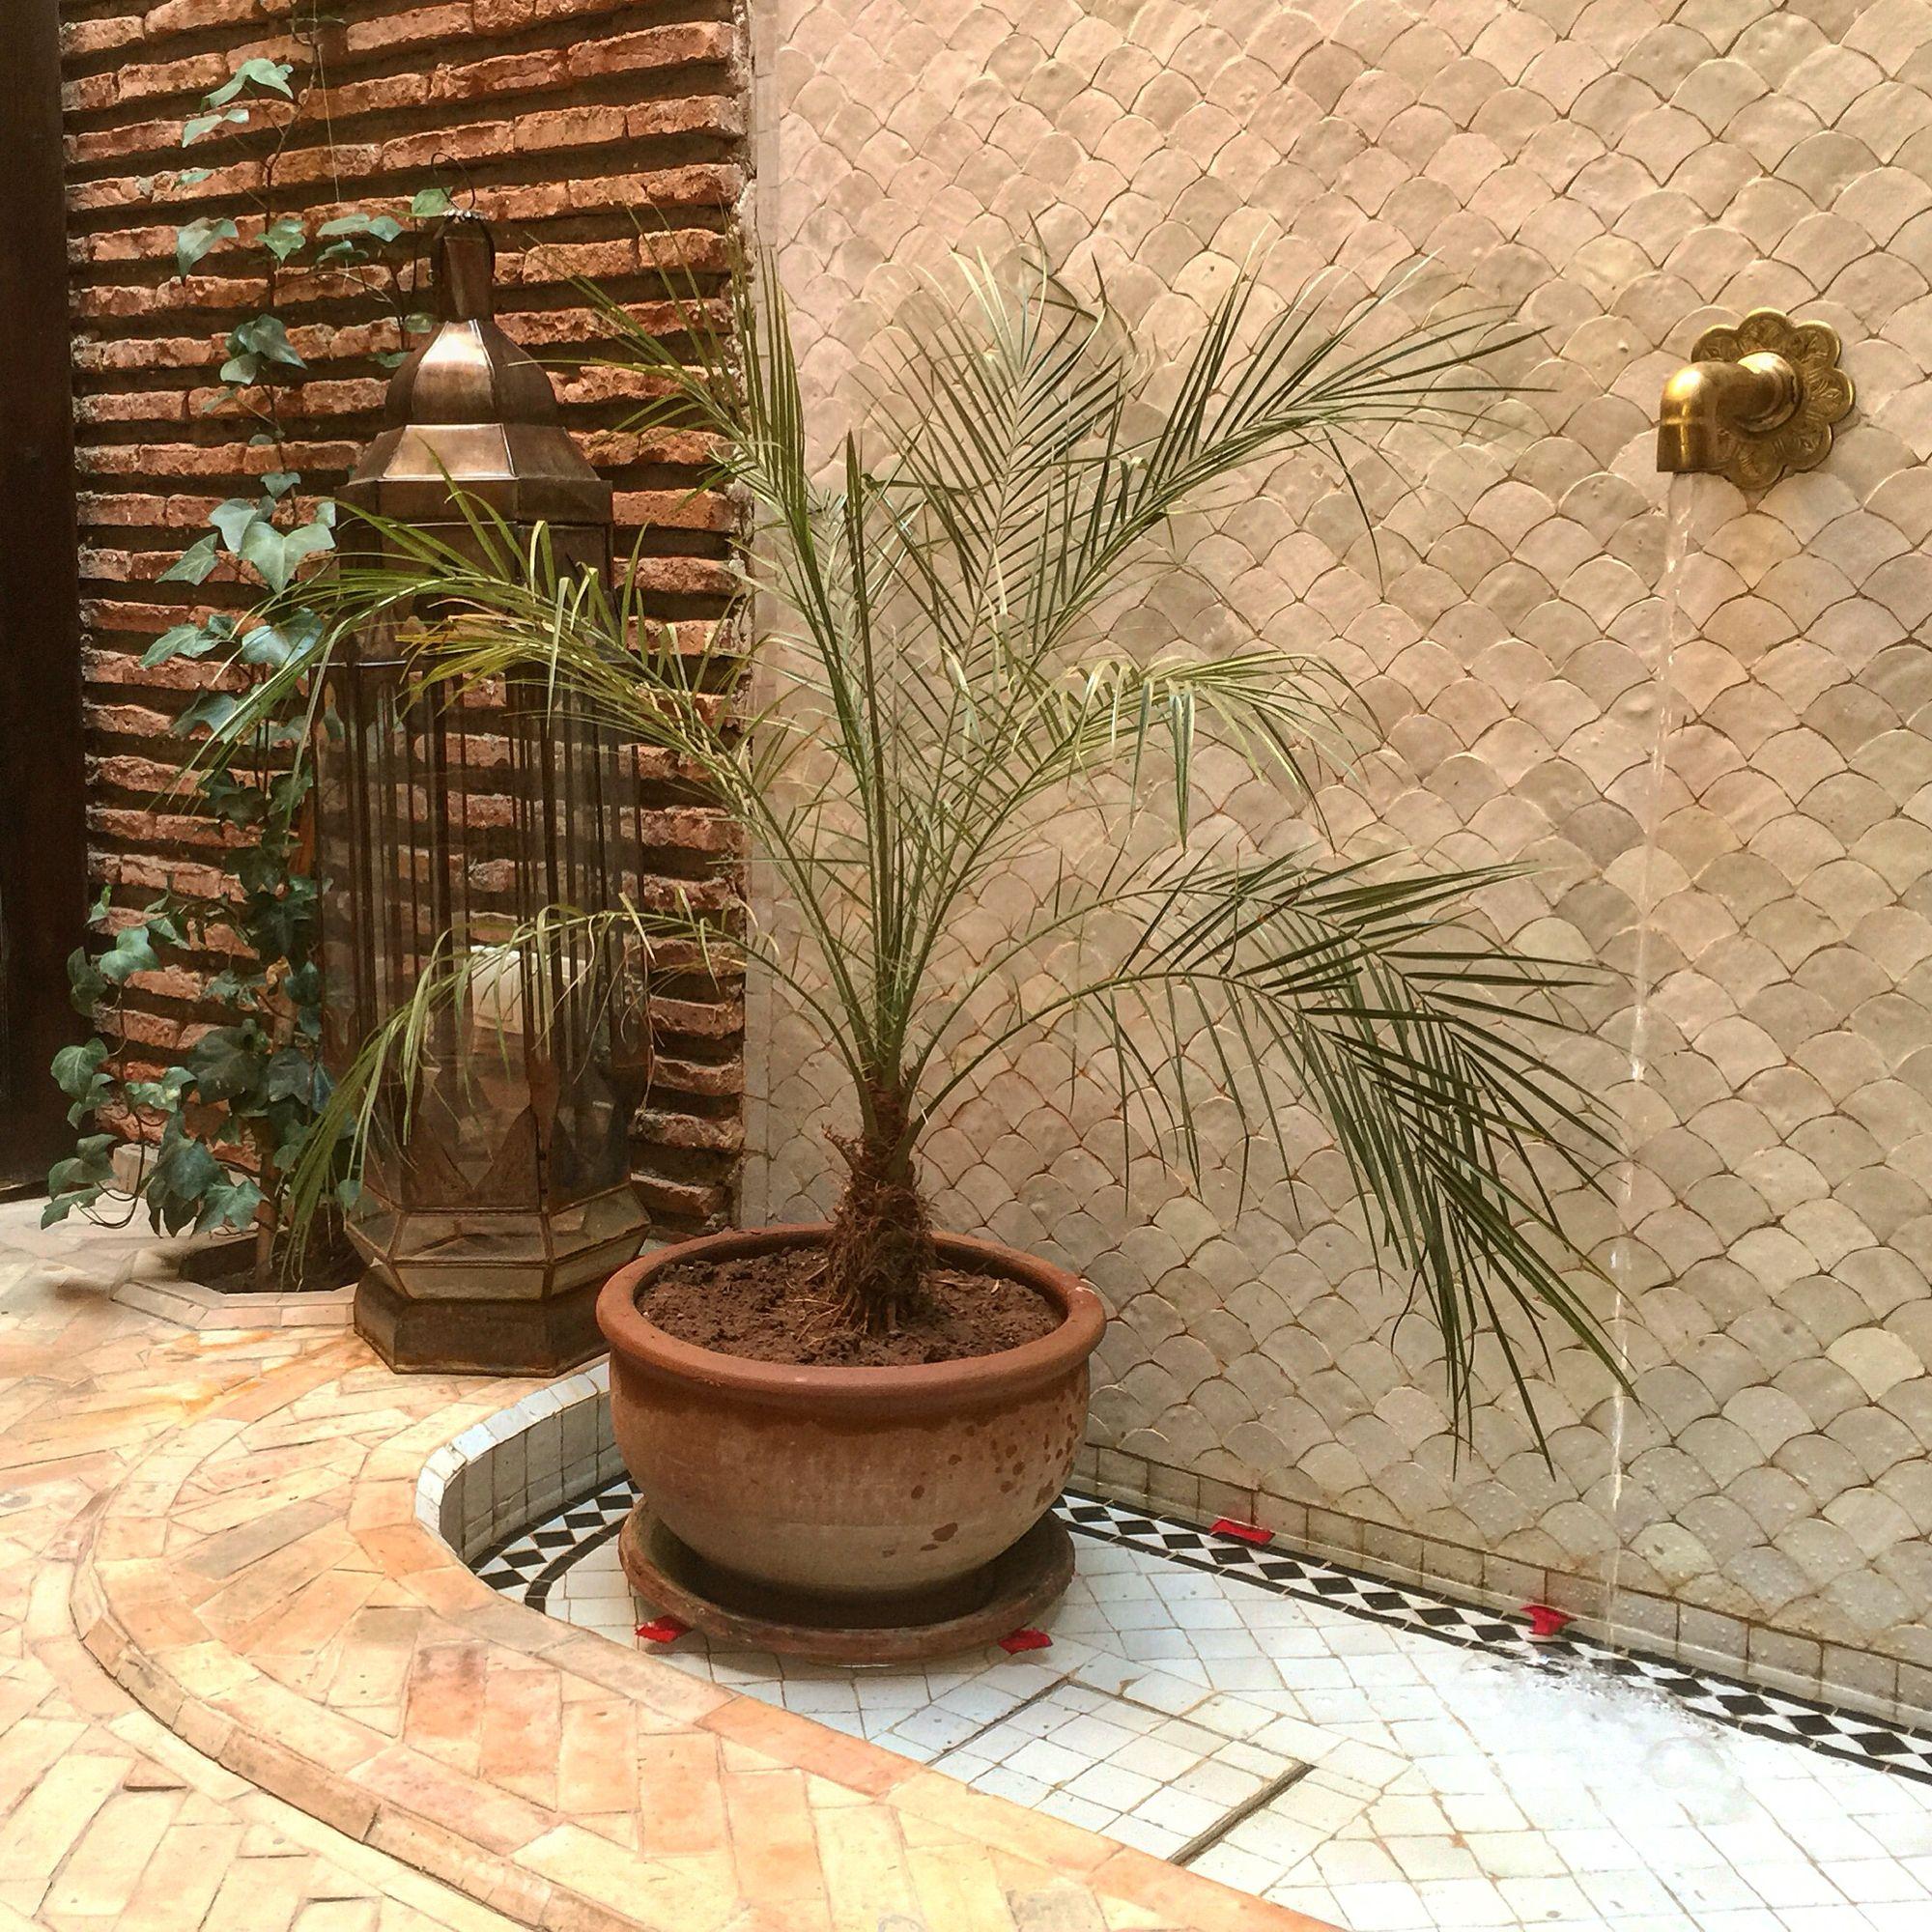 #buenosdías empezamos el día escuchando el sonido del #agua de la #fuente de #riadpalaciodelasespecias ❤️   www.palaciodelasespecias.com